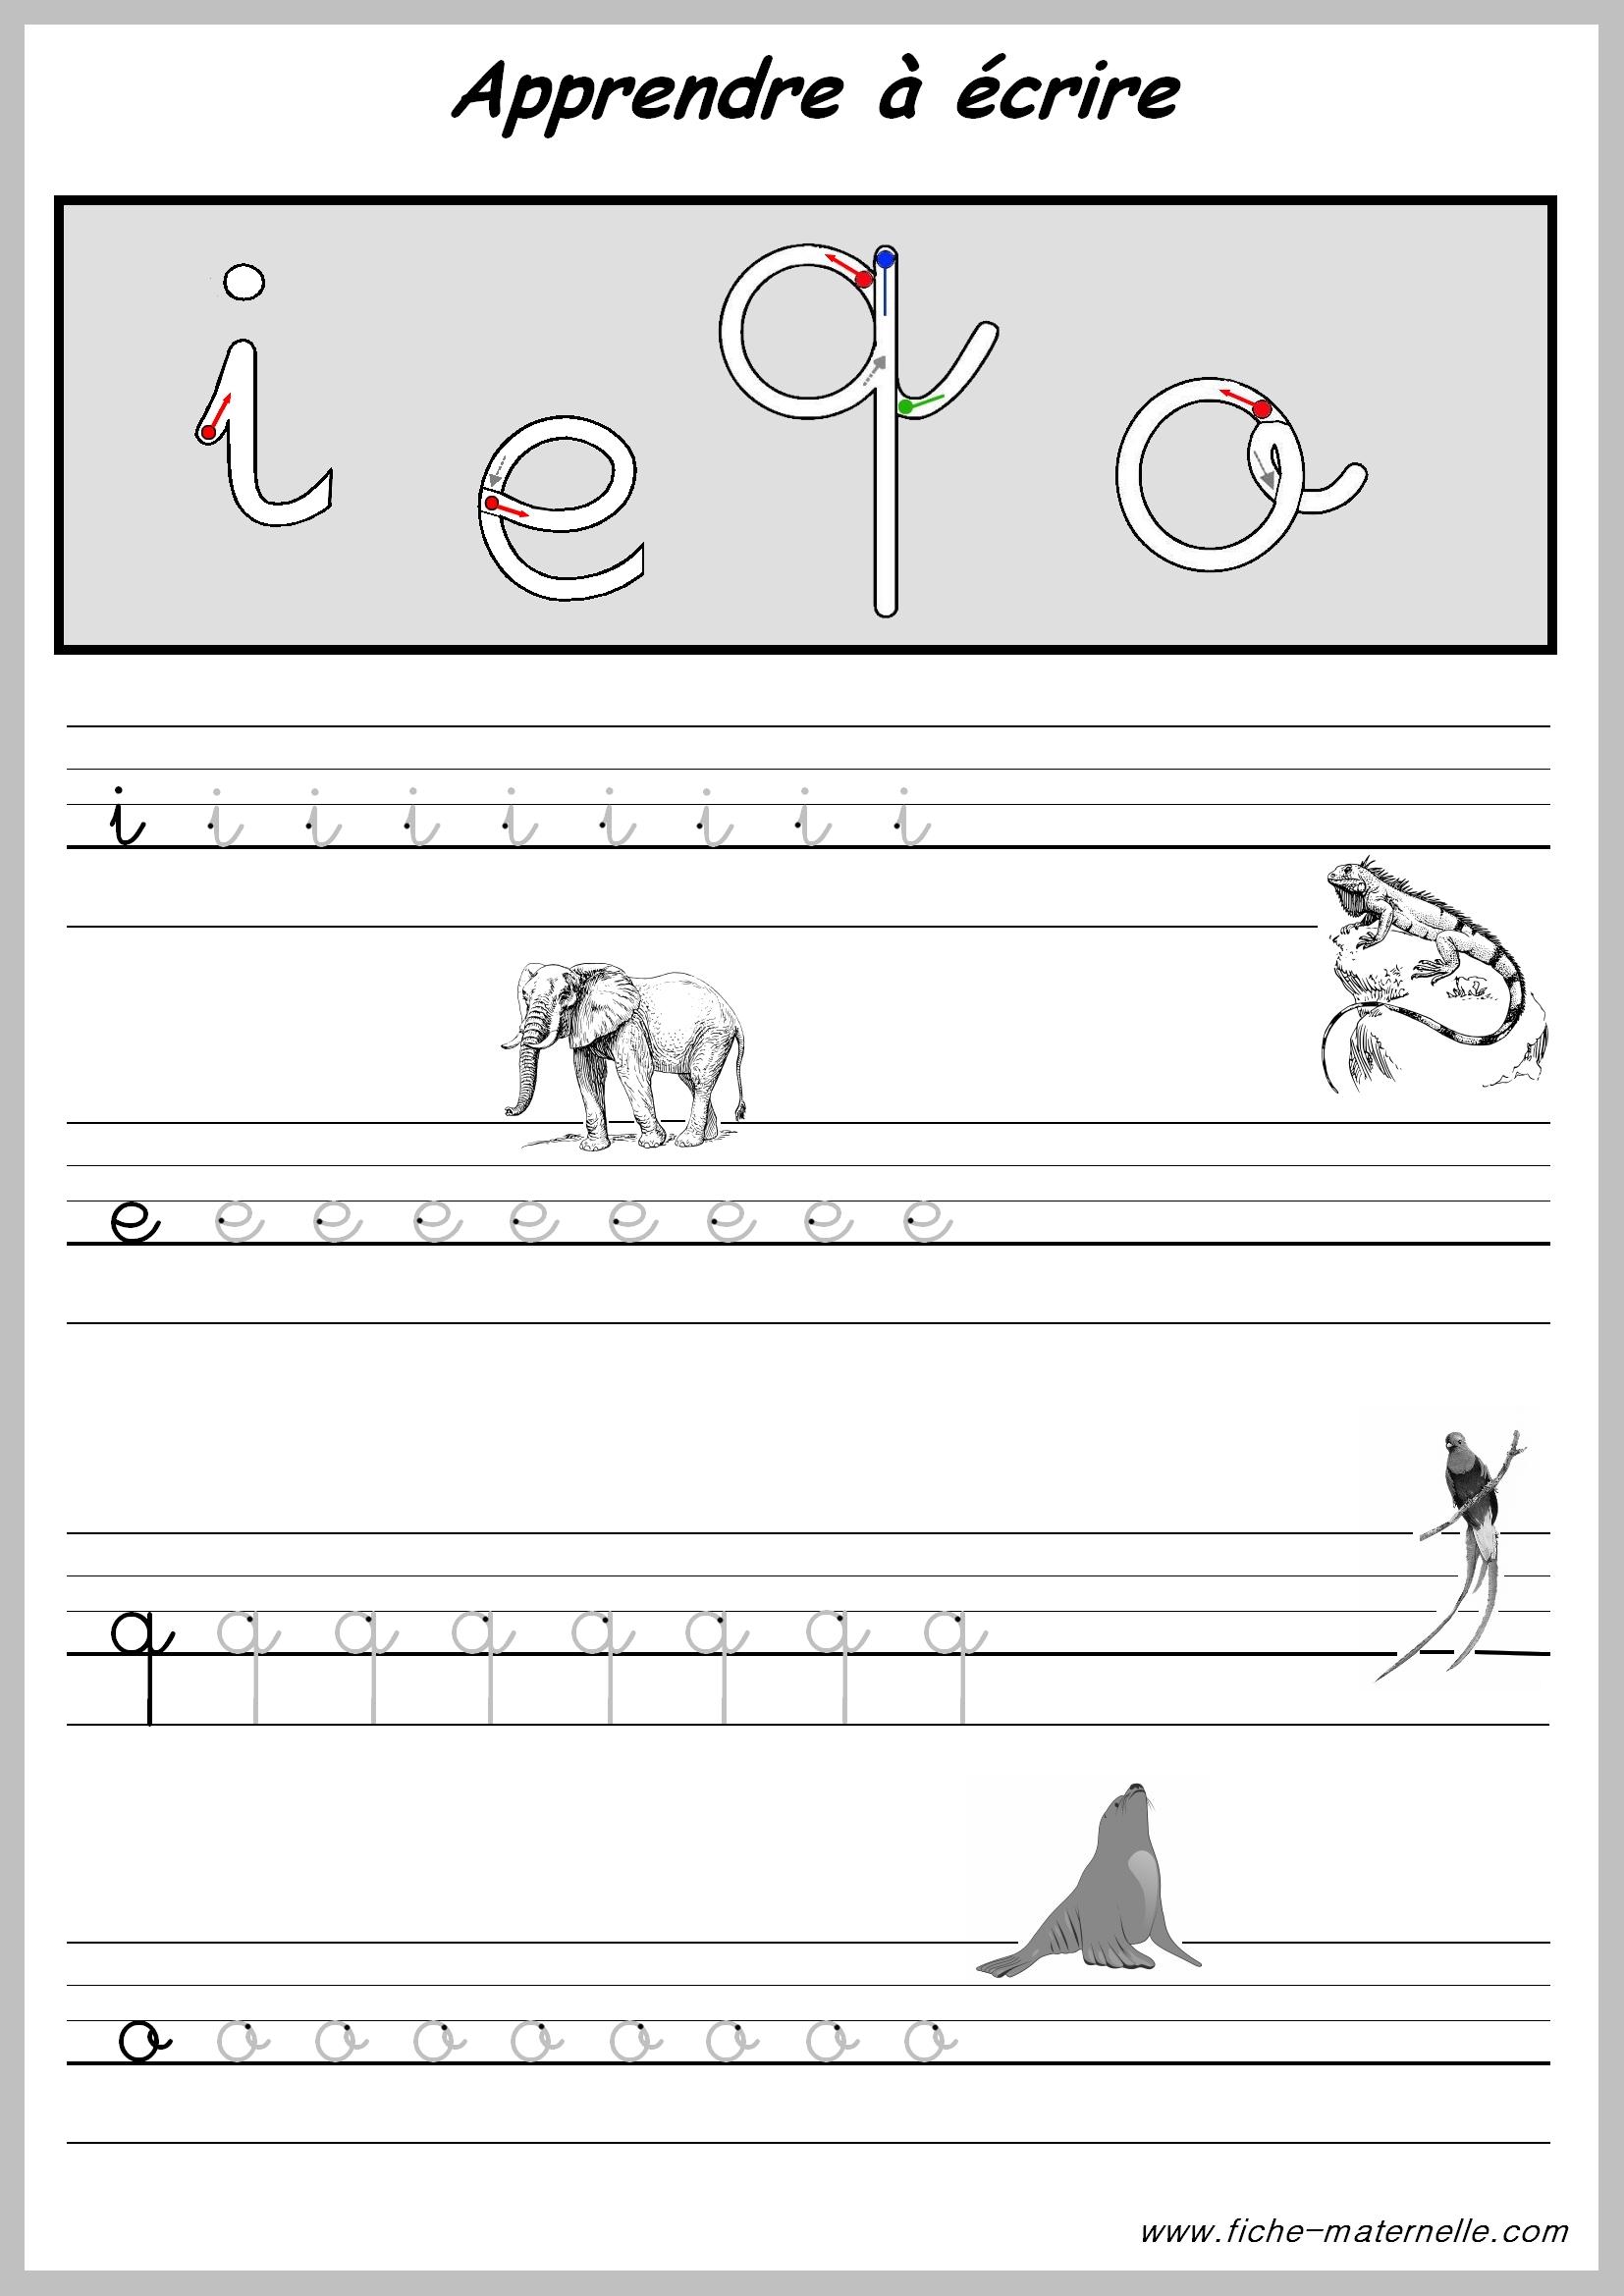 Exercices pour apprendre a ecrire - Lettres alphabet maternelle ...